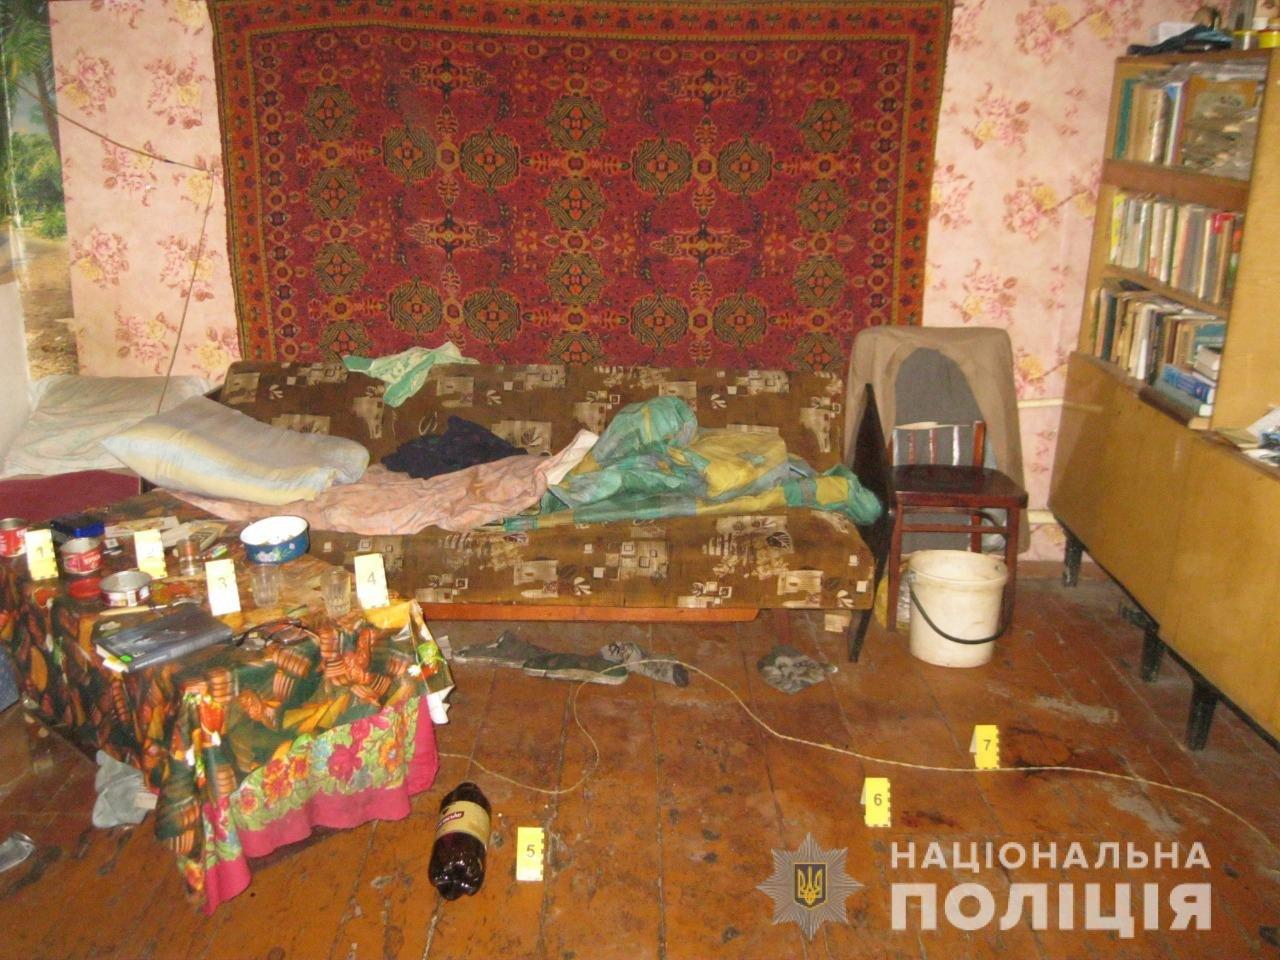 На Харьковщине местный житель пришел в гости и во время ссоры забил насмерть хозяина дома, фото-1